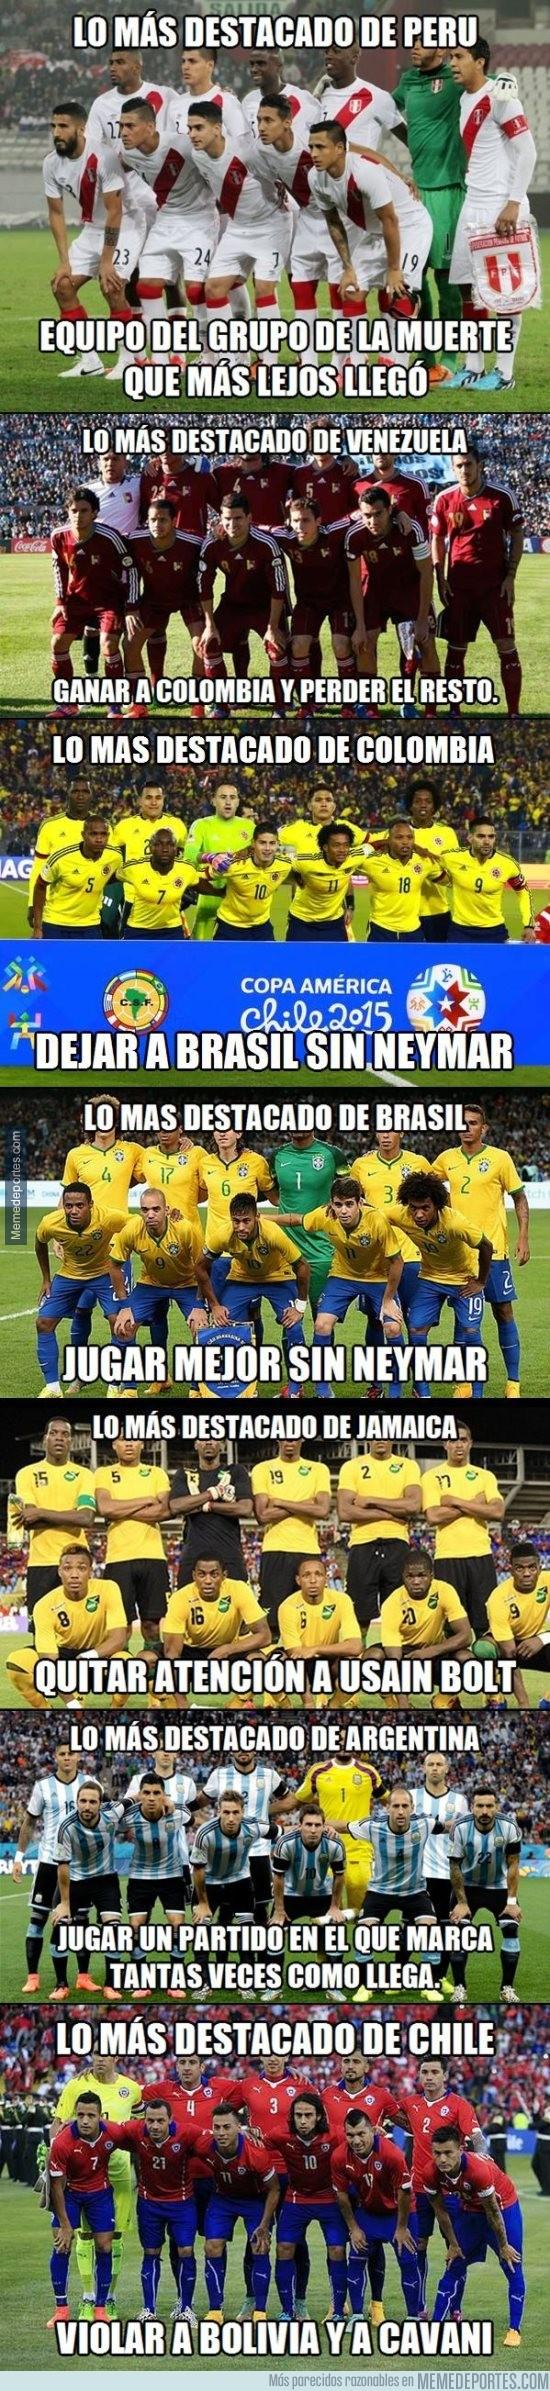 609002 - Lo más destacado de las selecciones en la Copa América